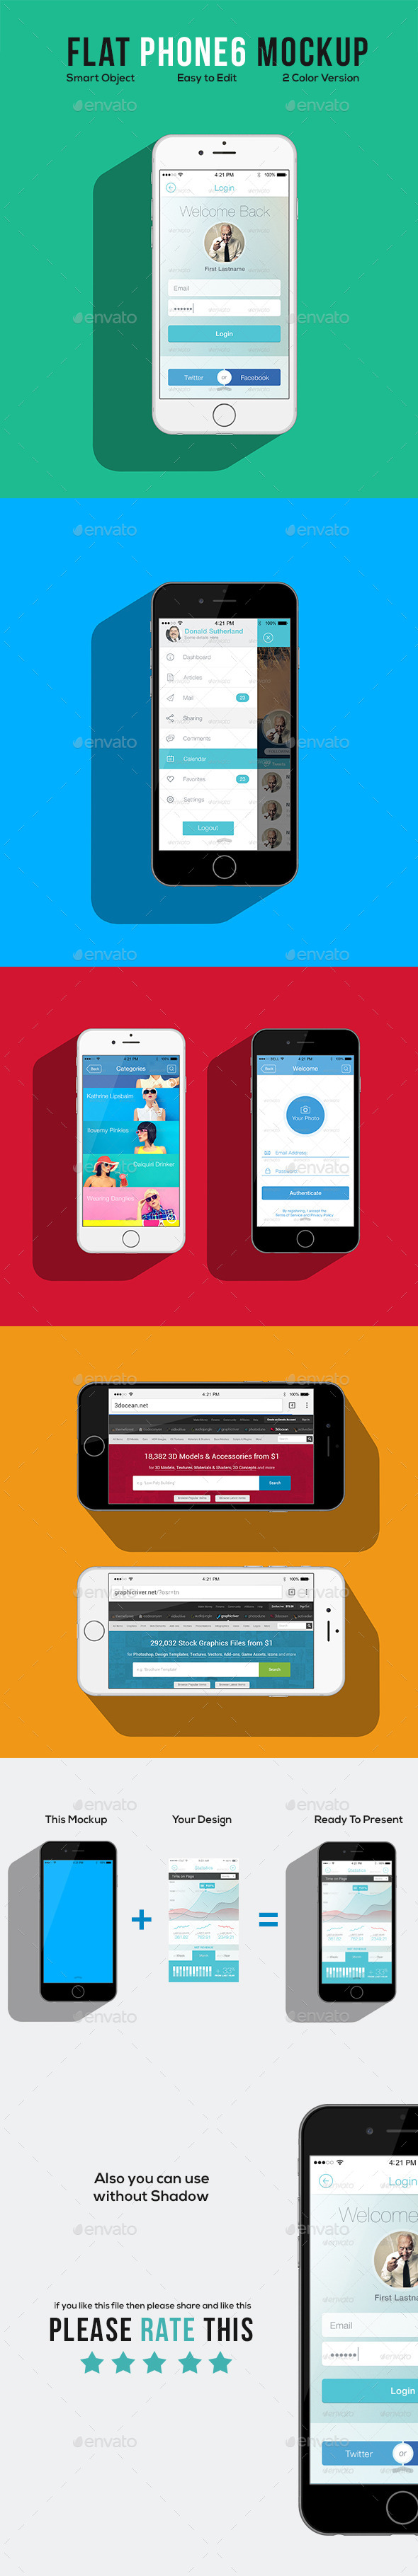 Flat Phone 6 Mockup - Mobile Displays